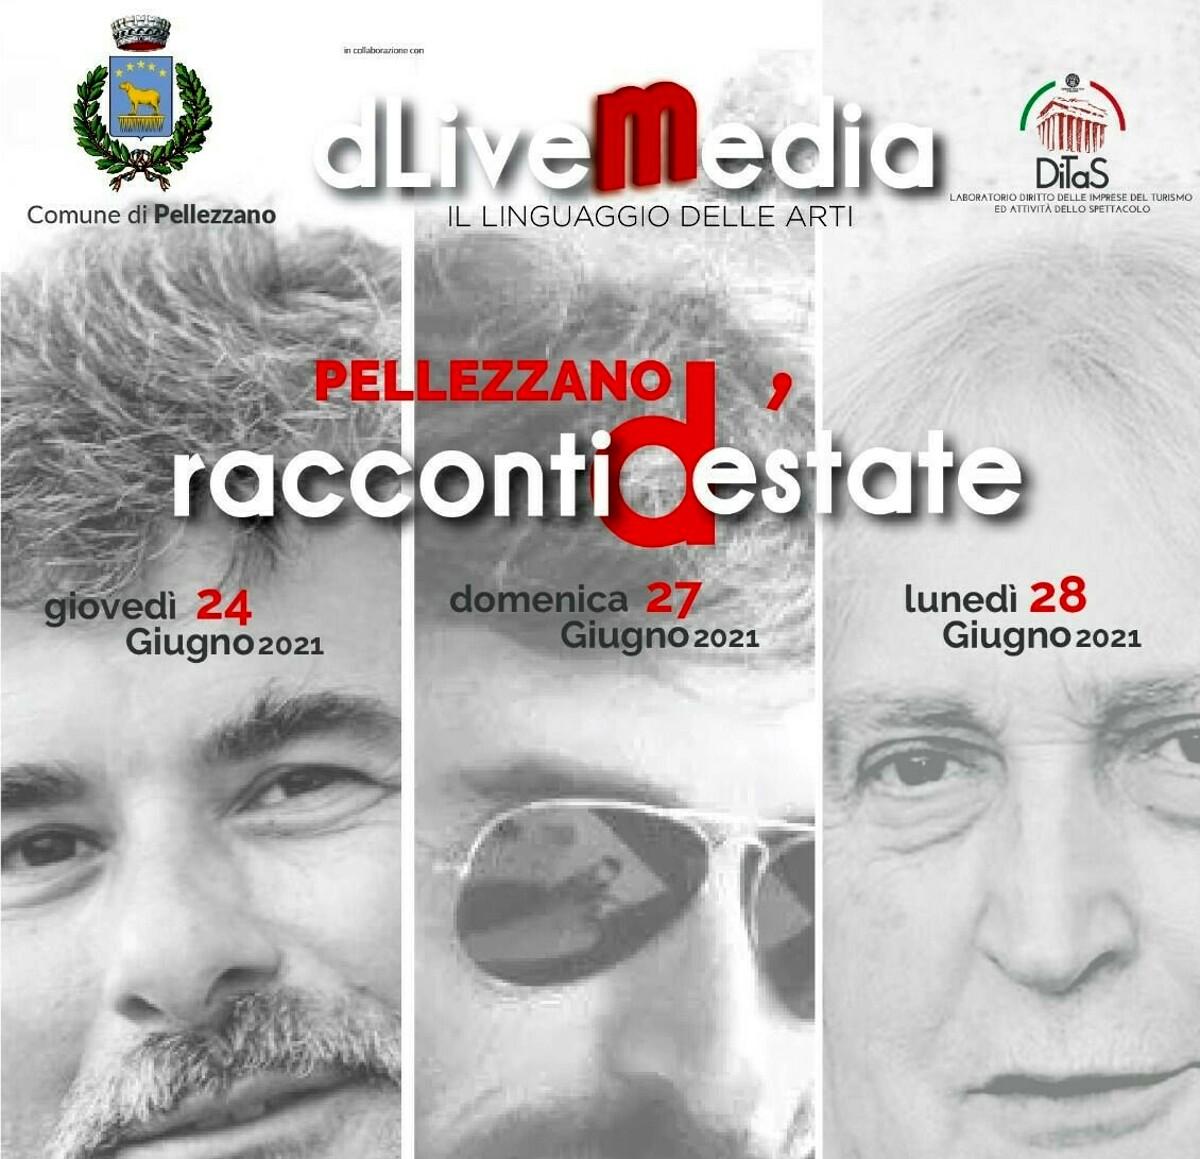 Racconti d'estate: ripartono cultura e spettacolo a Pellezzano